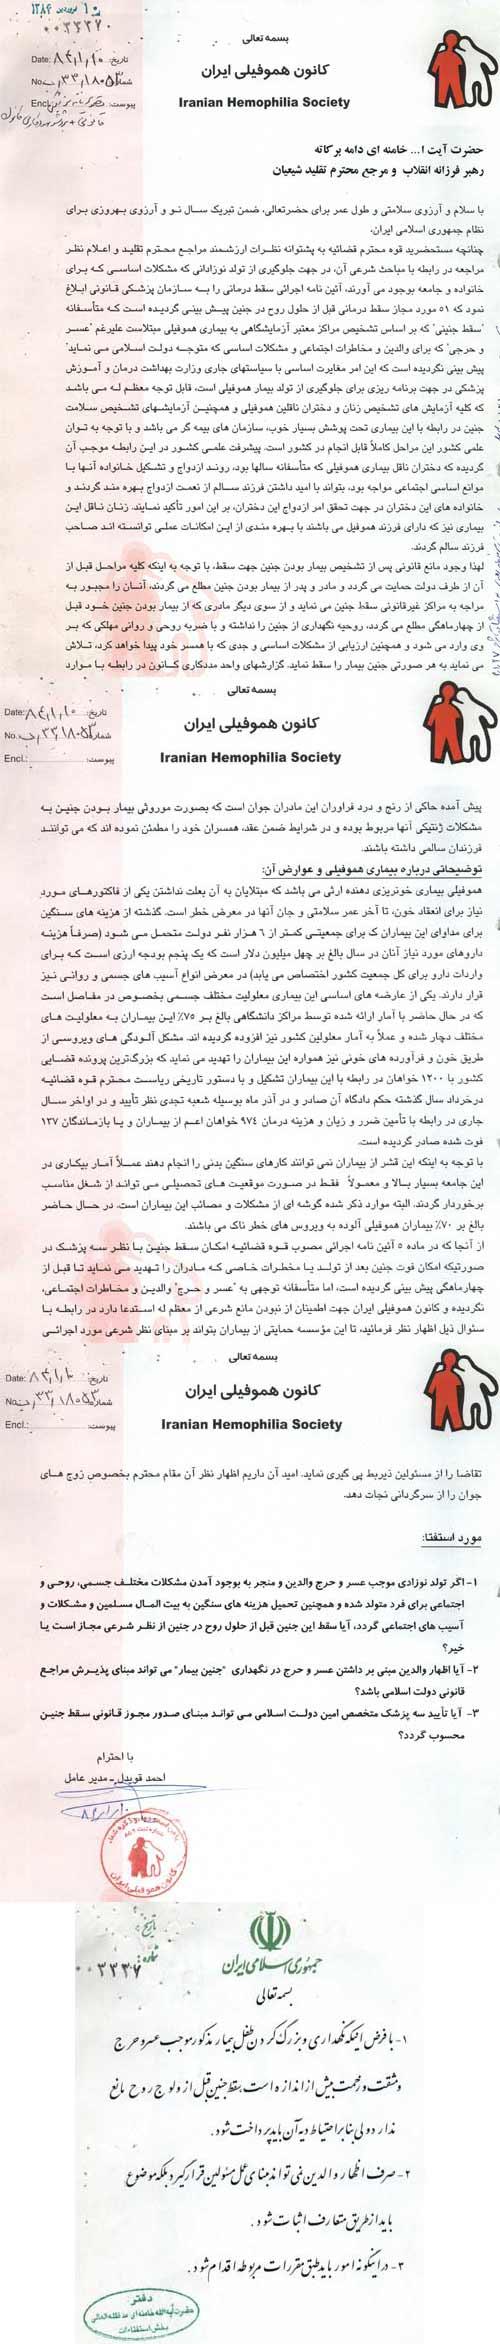 قدرداني رئيس فدراسيون جهاني هموفيلي از رئيس جمهور ايران...